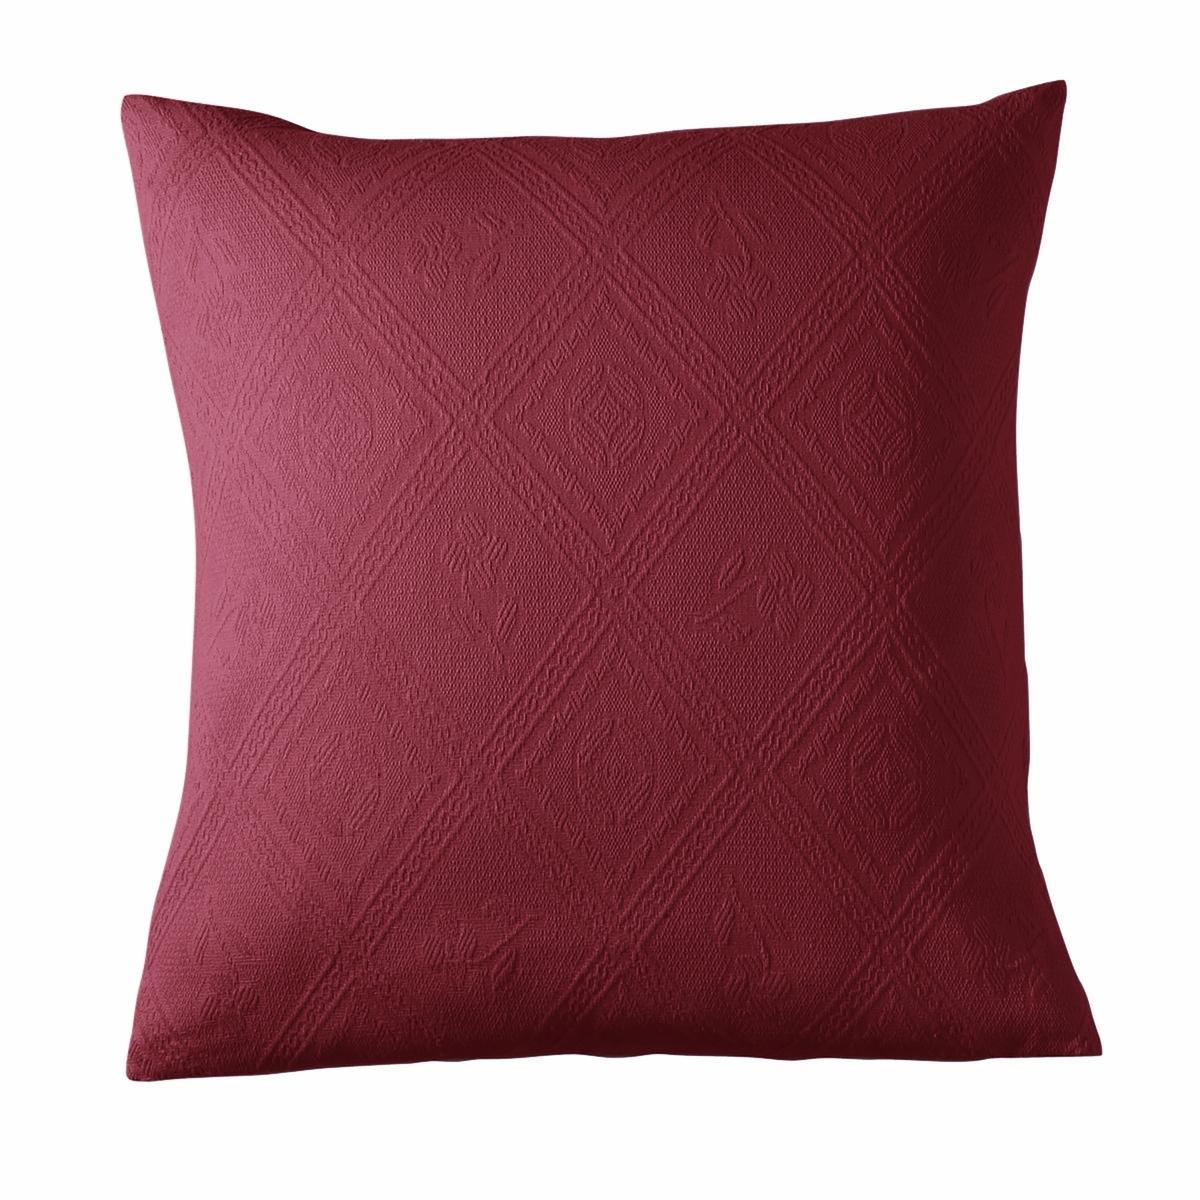 Чехол на подушку или наволочка из хлопковой жаккардовой ткани INDO indo board original training package